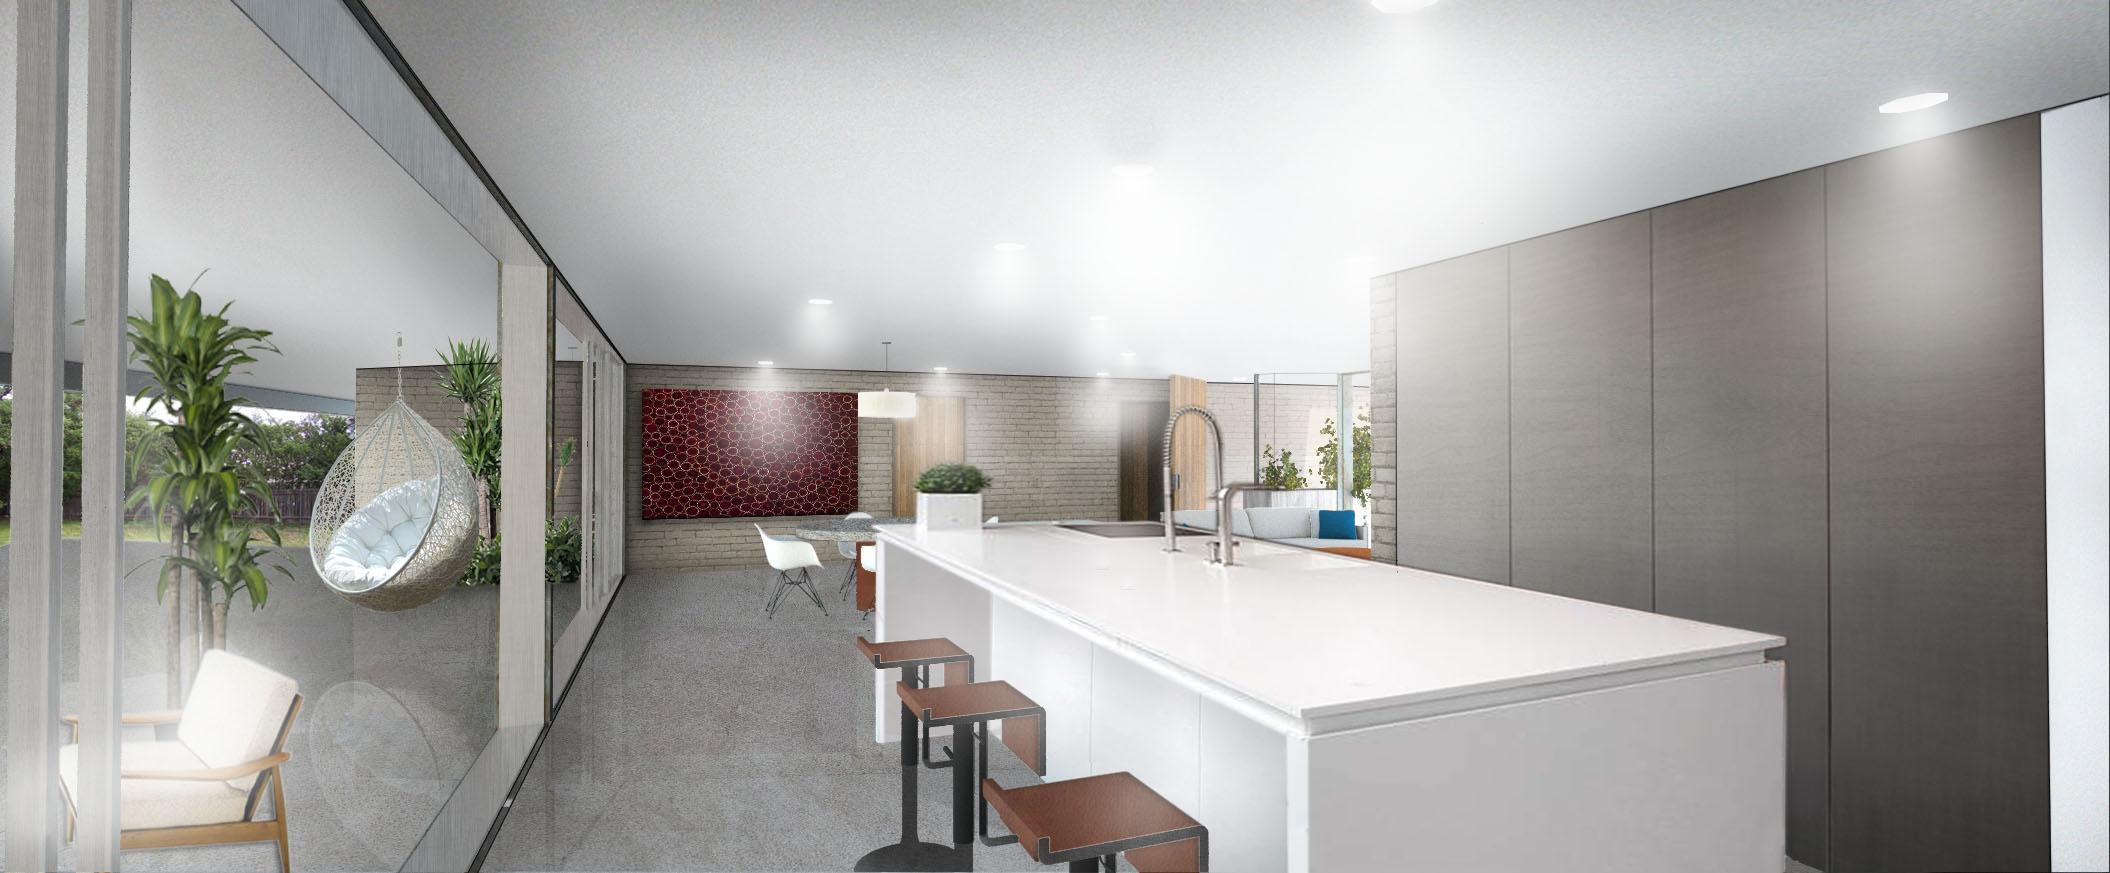 Kitchen-02.jpg